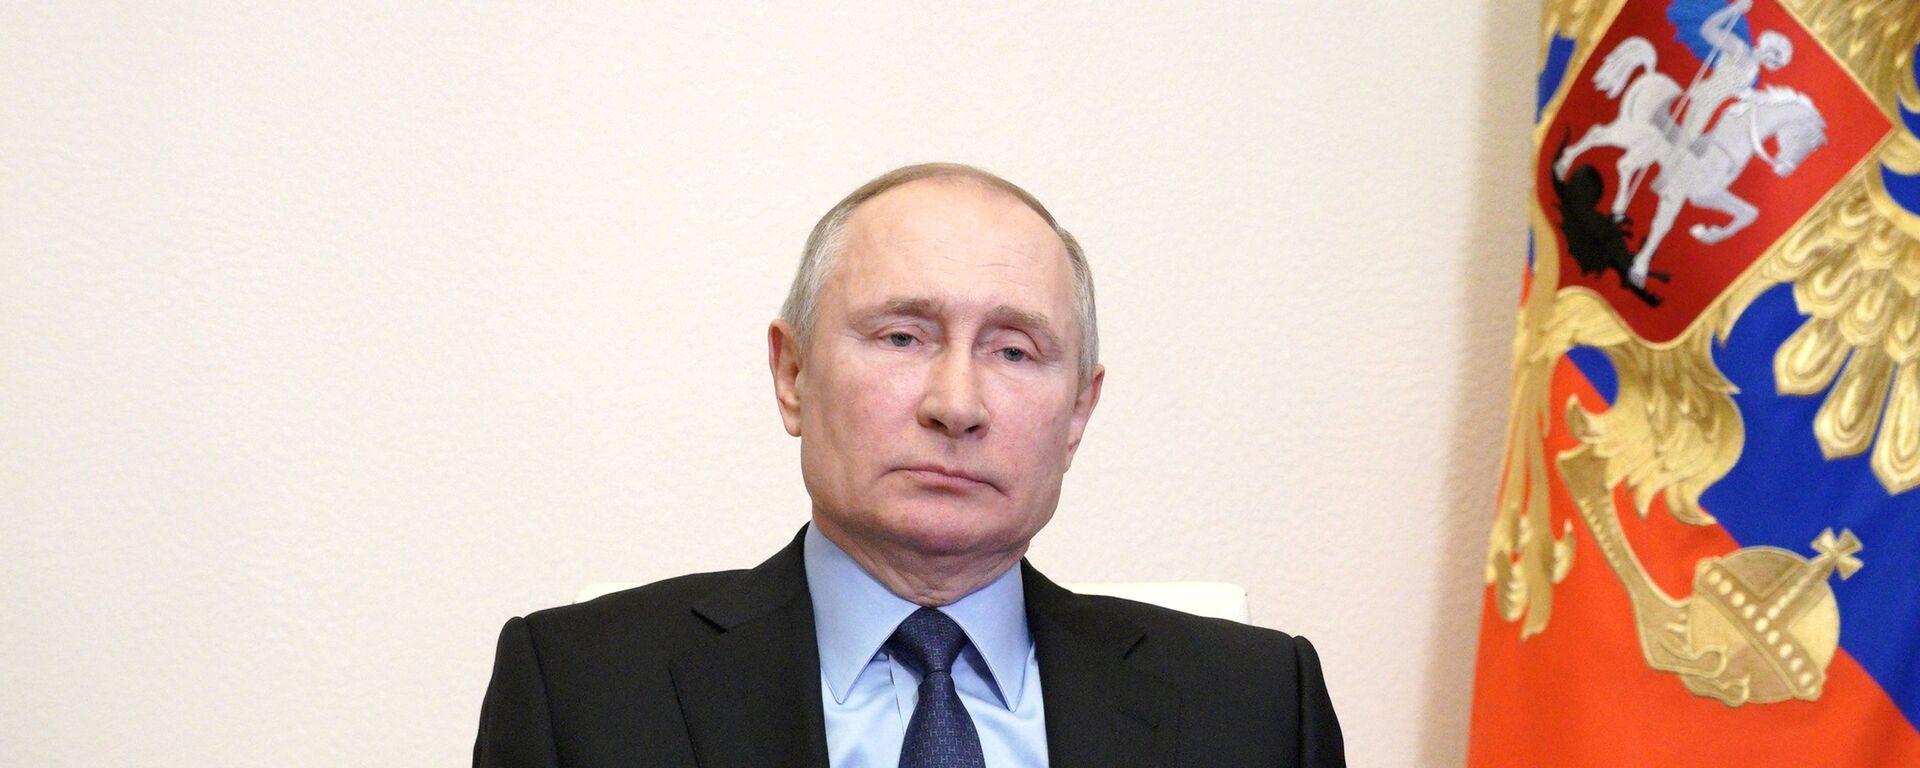 Президент РФ В. Путин - Sputnik Таджикистан, 1920, 15.06.2021